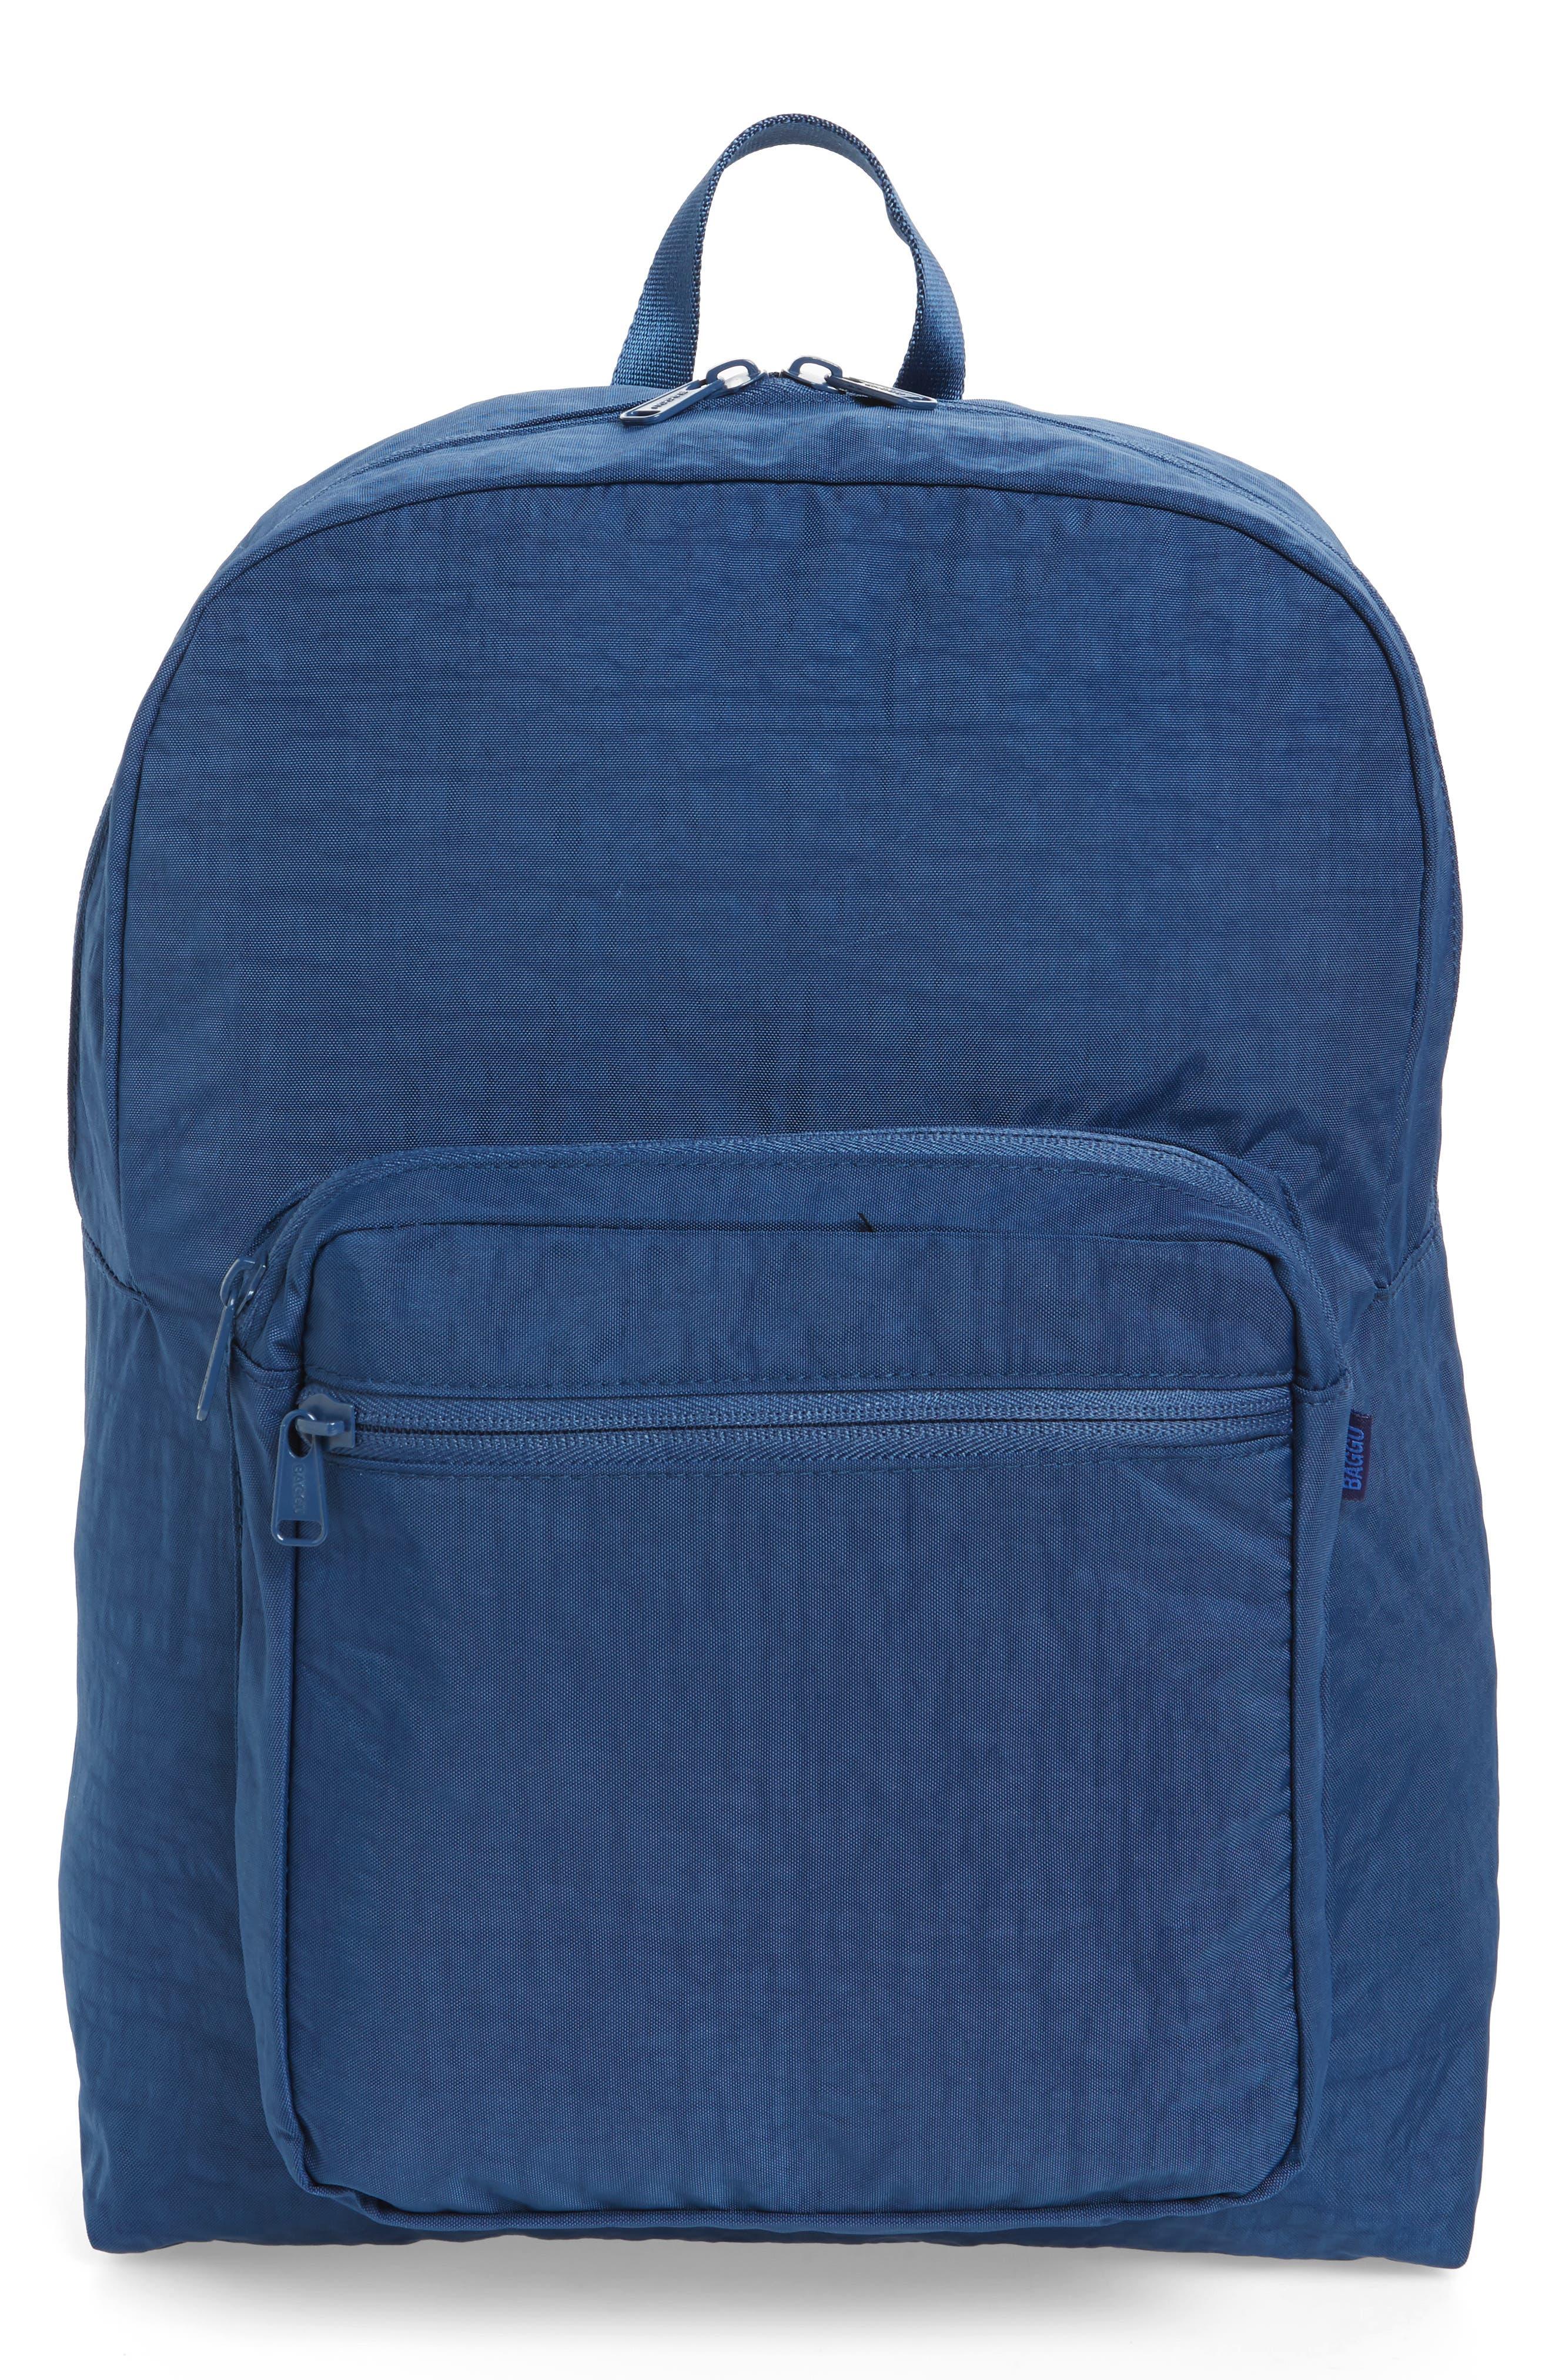 Baggu® Nylon Backpack